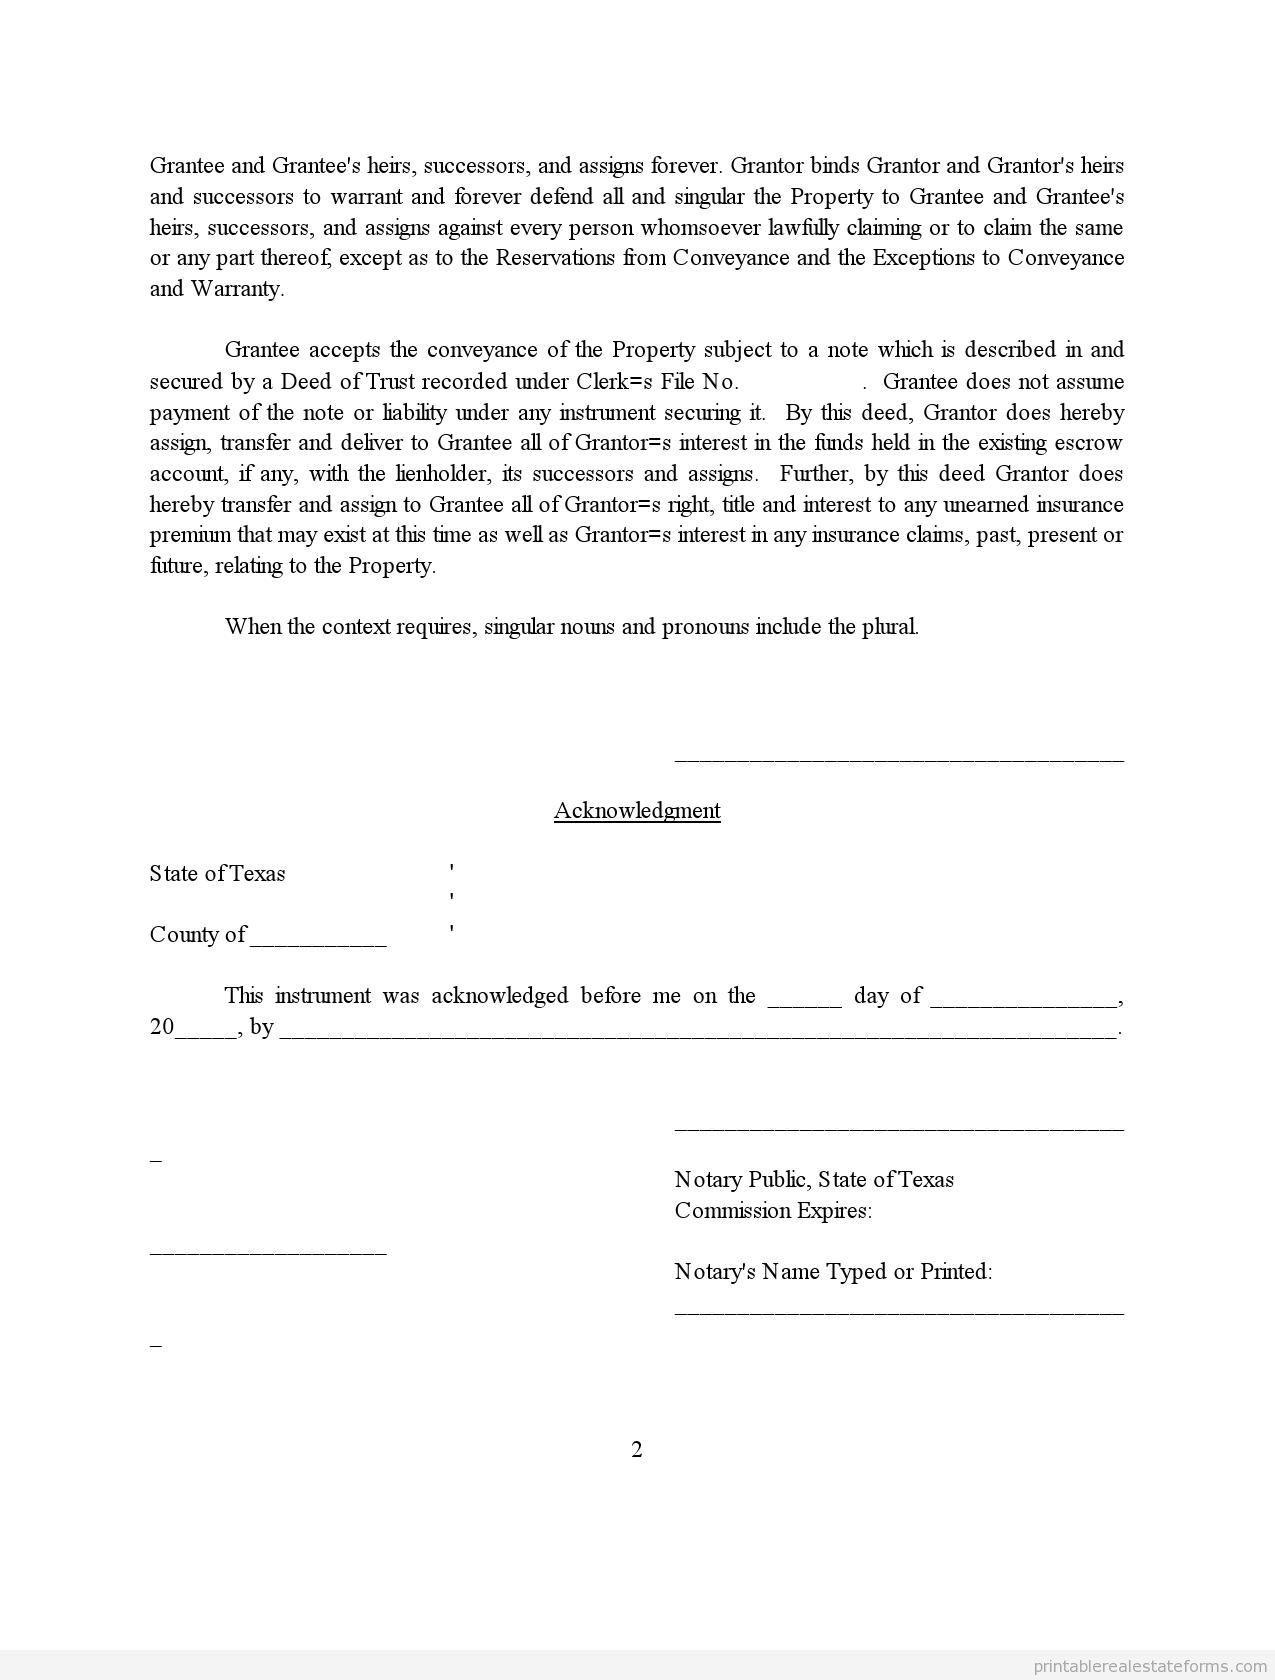 Printable general warranty deed template 2015 – Warranty Deed Form Template